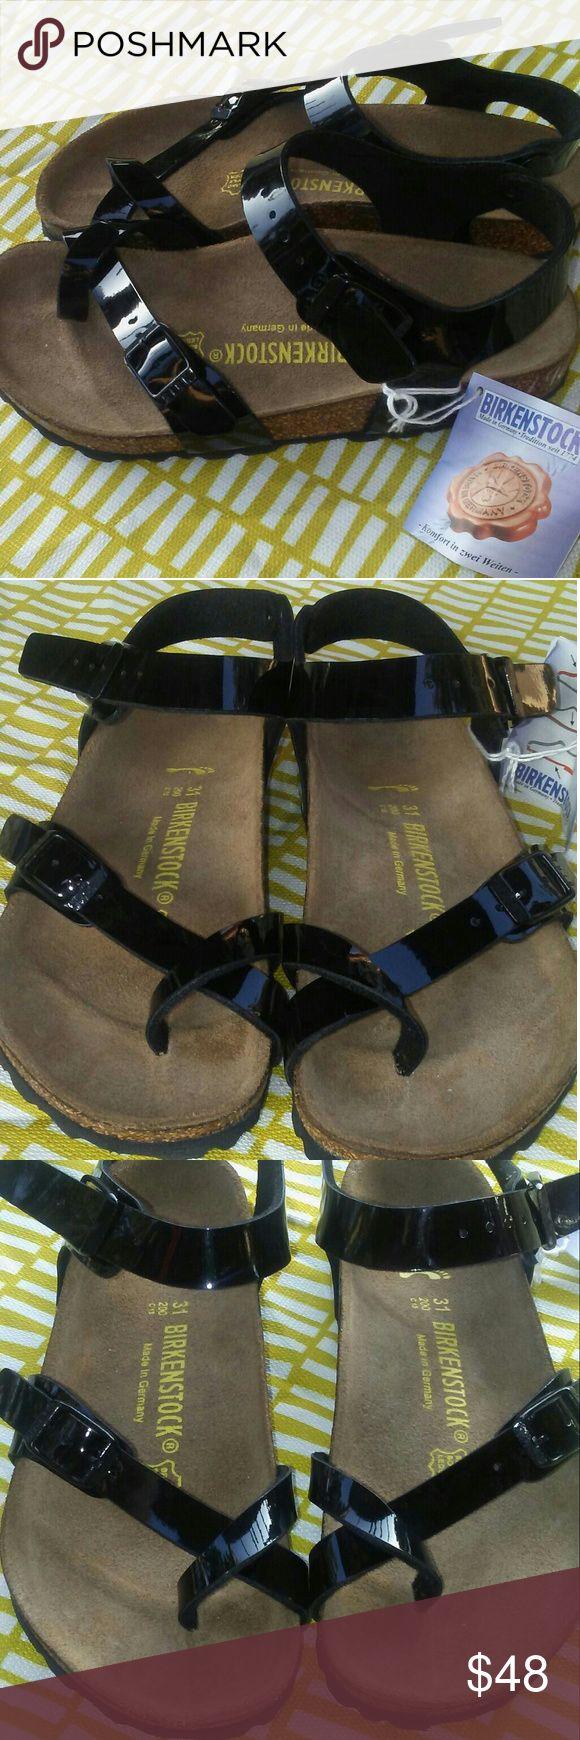 Birkenstocks Kids Black Crisscross Front Sandals BIRKENSTOCKS FOR THE LITTLE ONES!!  31 M EU / 13-13.5 N US Little Kid Size 31= Kids 13-13.5  Black  New never worn with tag Birkenstock Shoes Sandals & Flip Flops